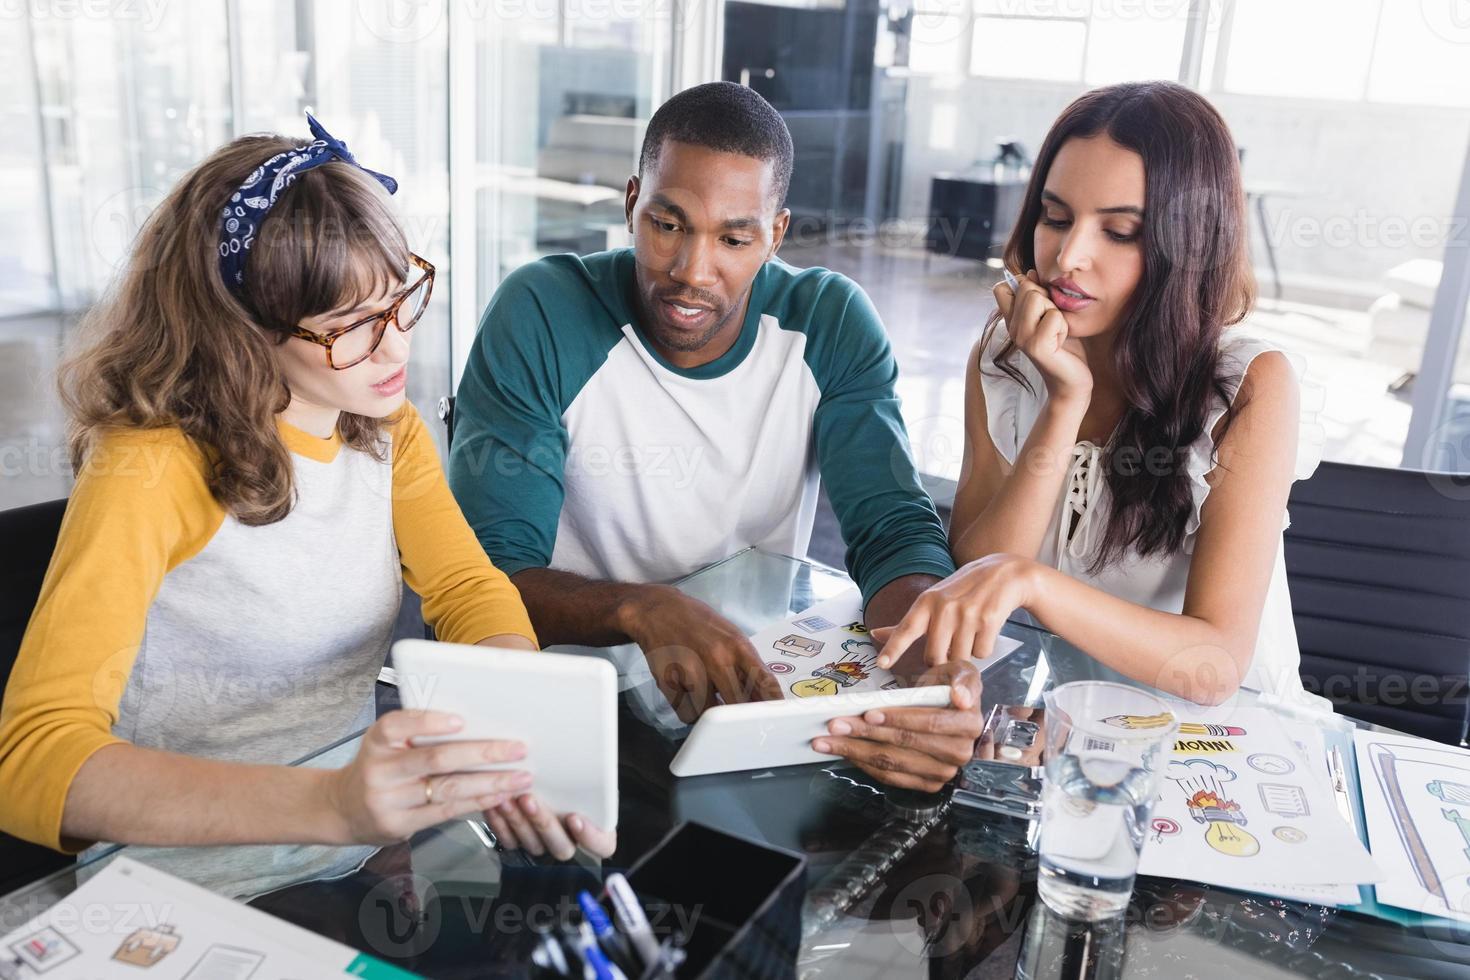 kreativa affärsmän diskuterar över digitala surfplattor på kontoret foto